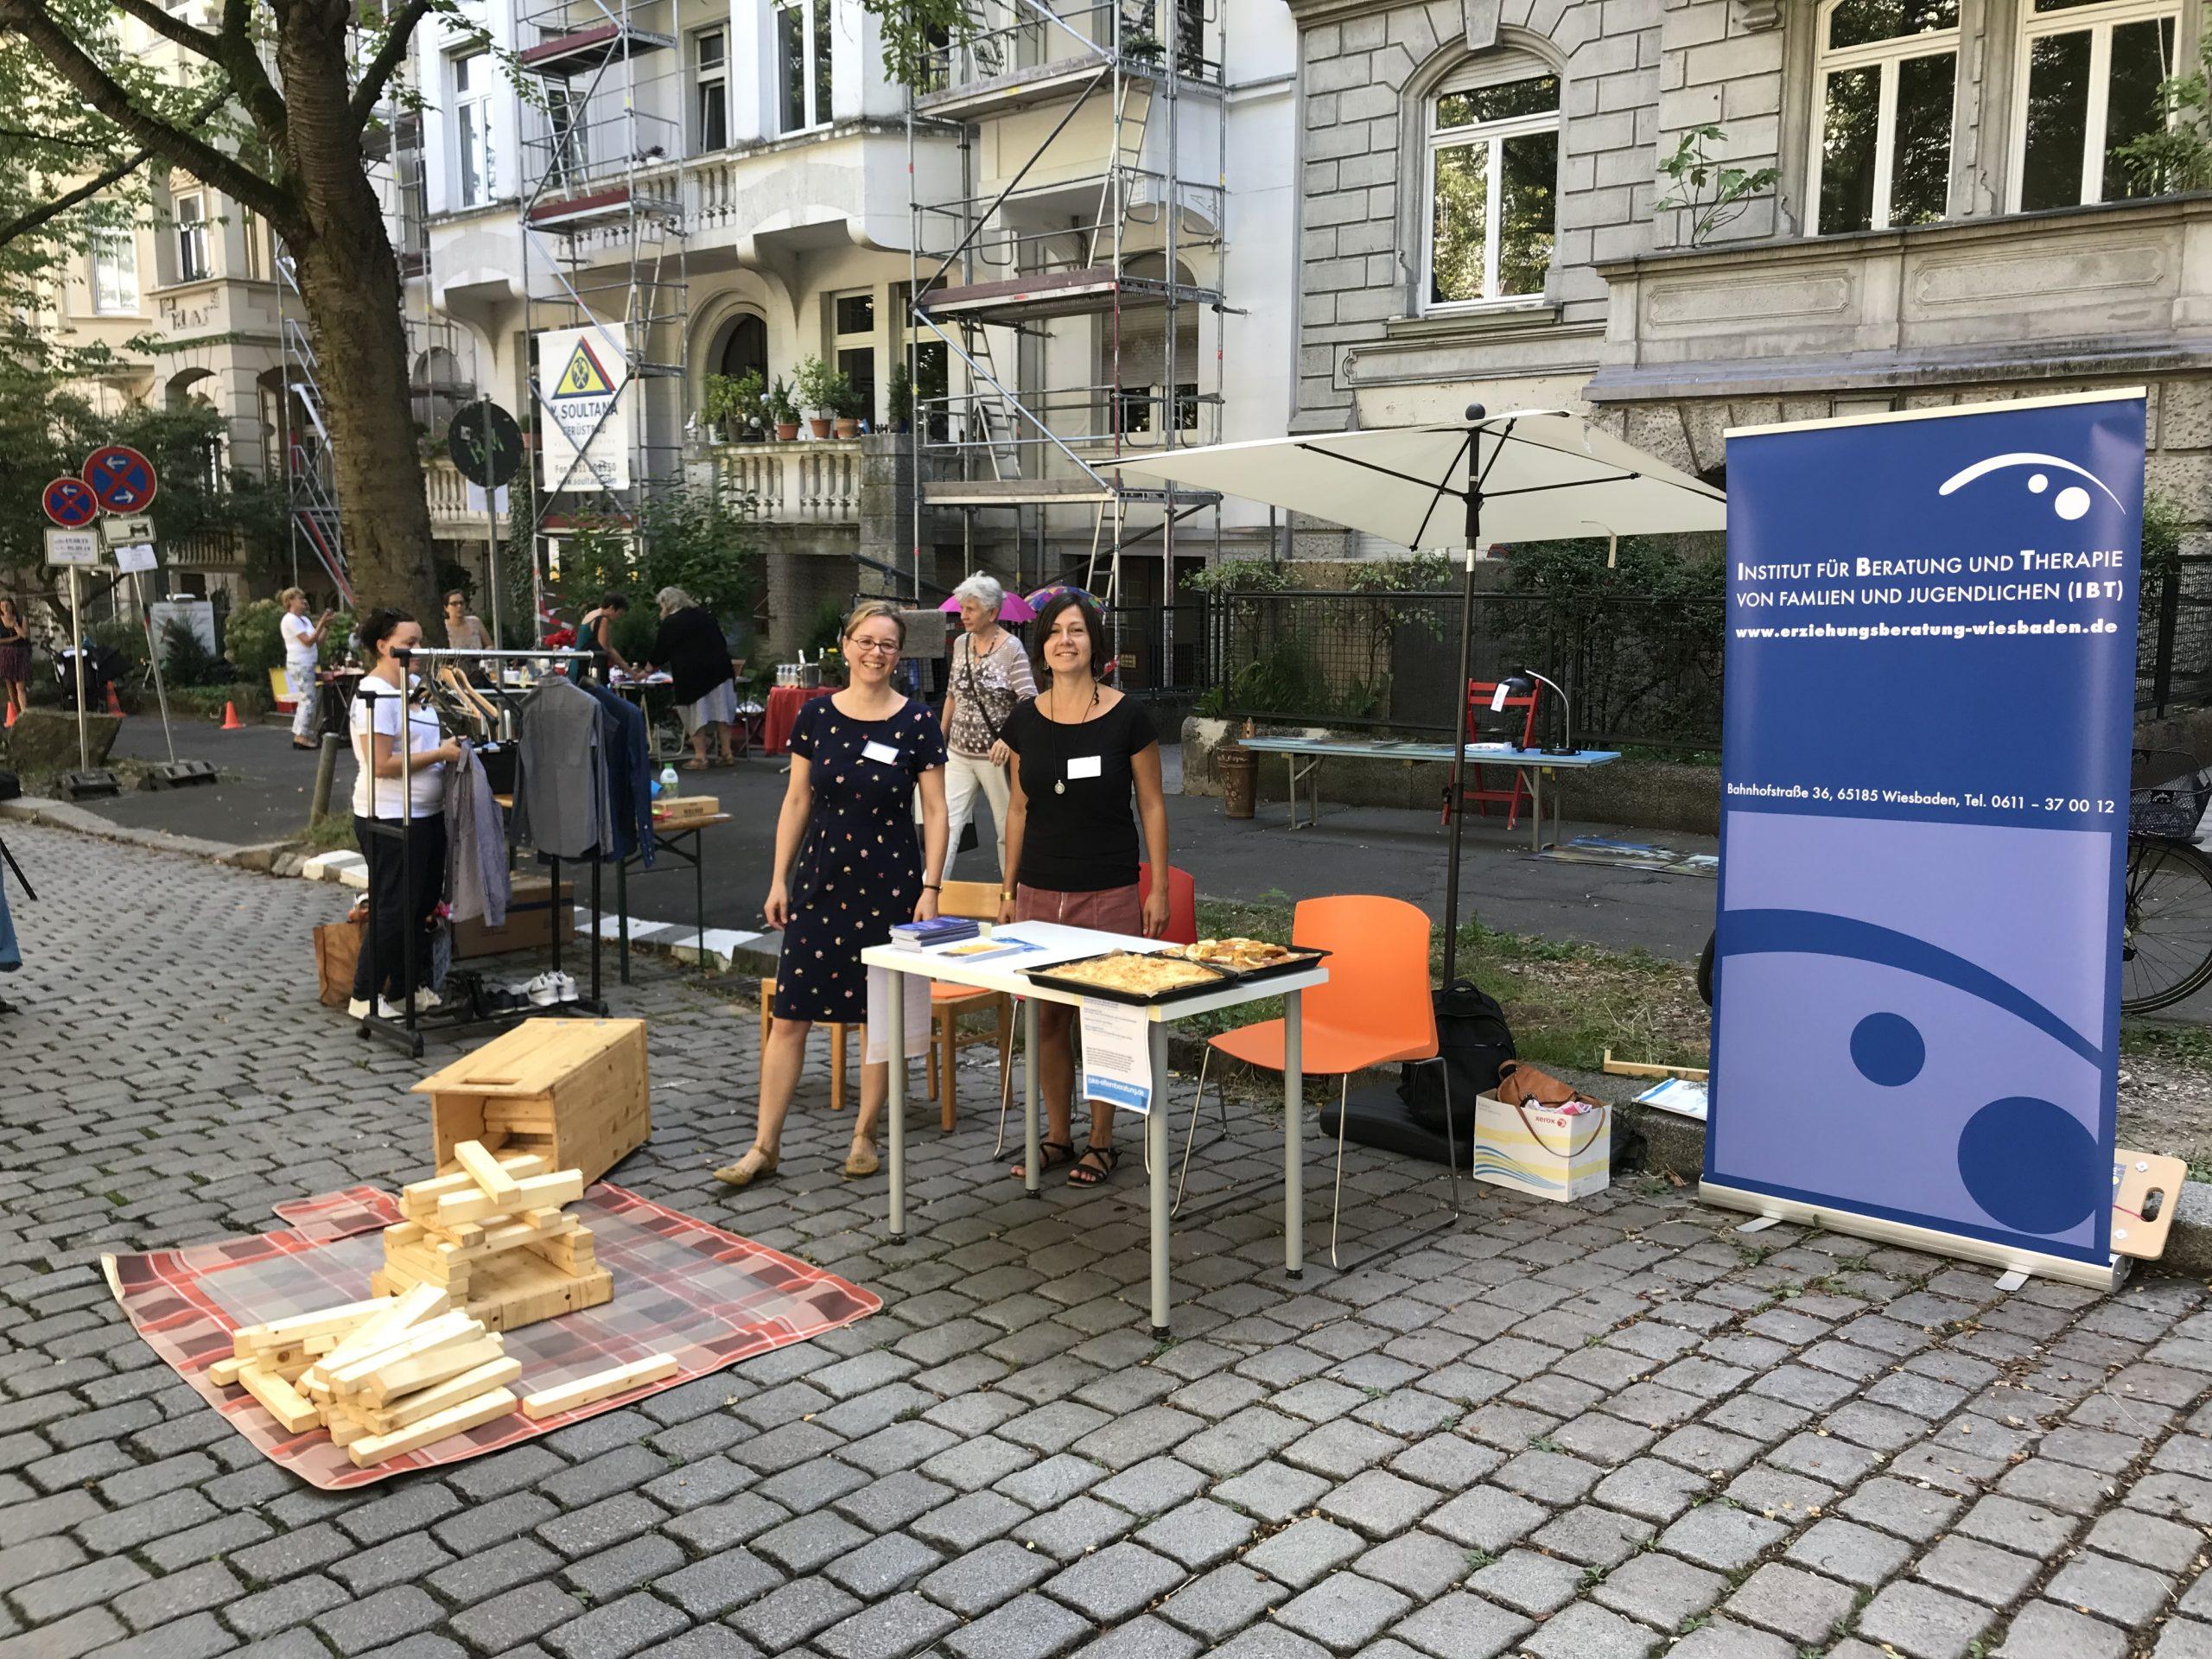 ITB - Sommerfest am 30.8.2019 in der Unteren Niederwaldstraße in Wiesbaden